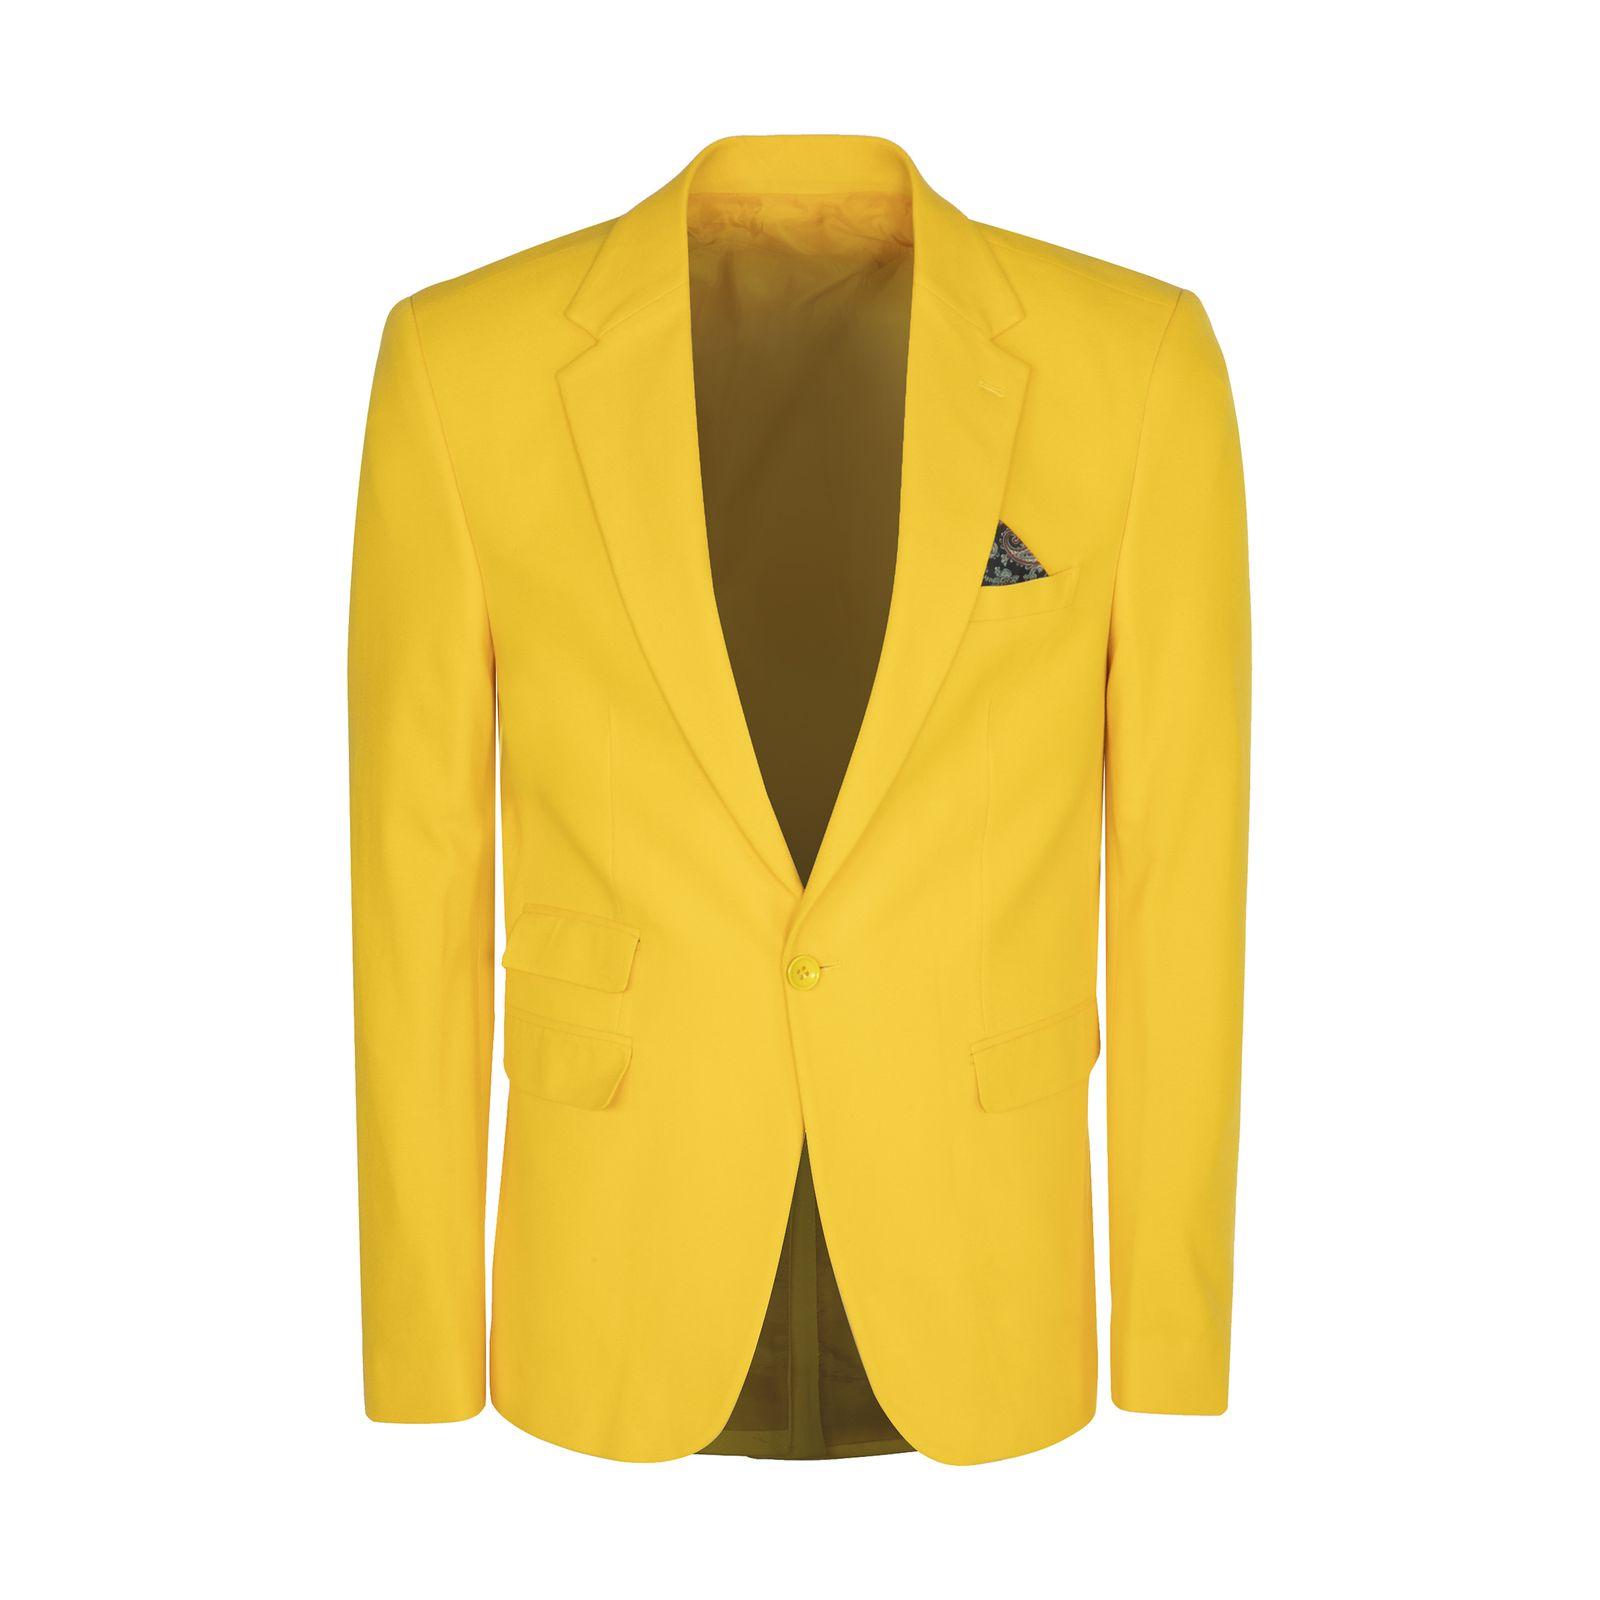 کت تک مردانه ان سی نو مدل جانسو رنگ زرد -  - 1